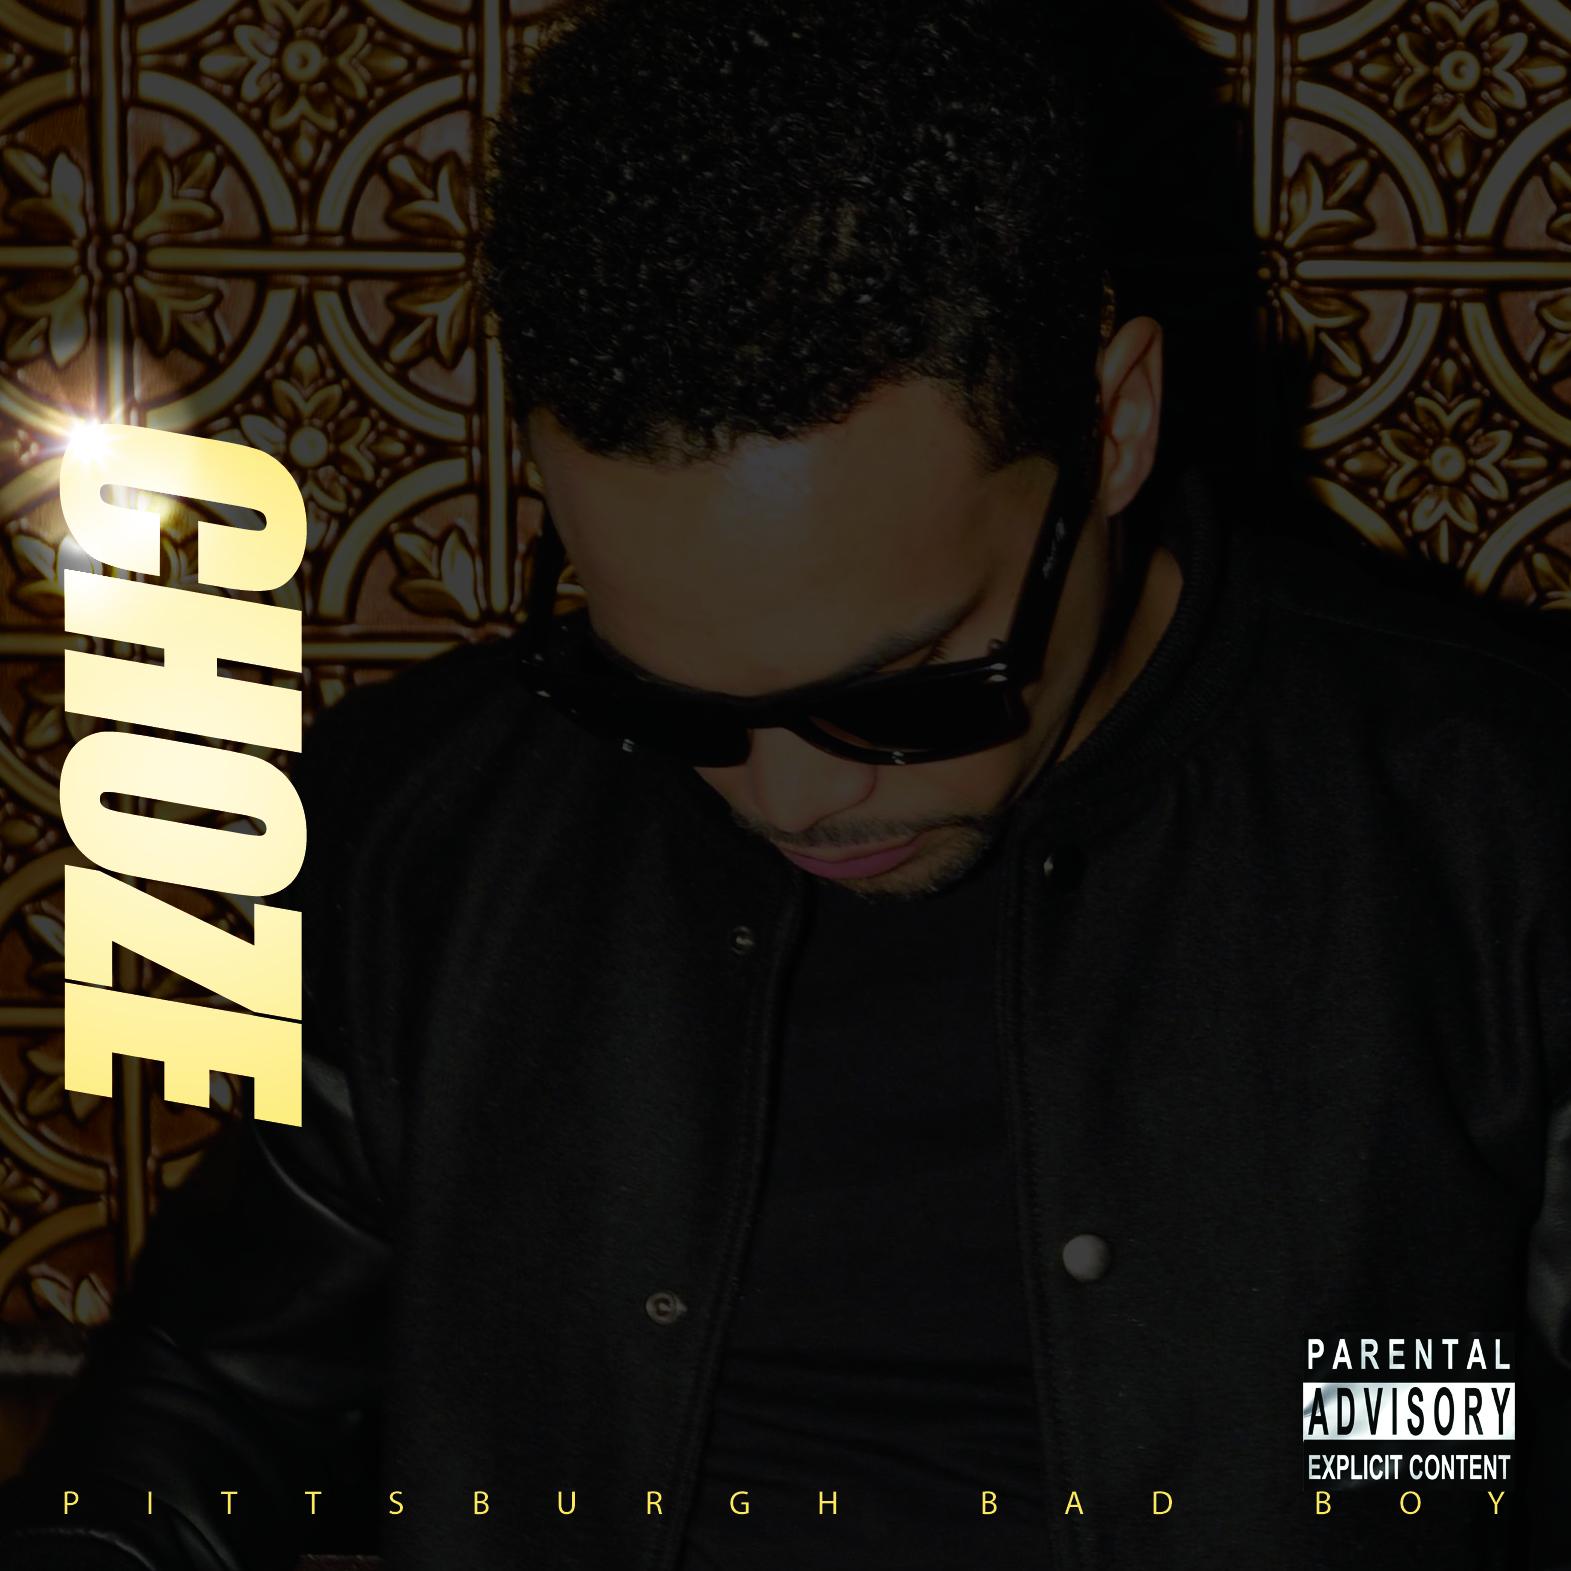 https://www.imoveilive.com/wp-content/uploads/2013/08/Choze-Album-Cover-copy.jpg